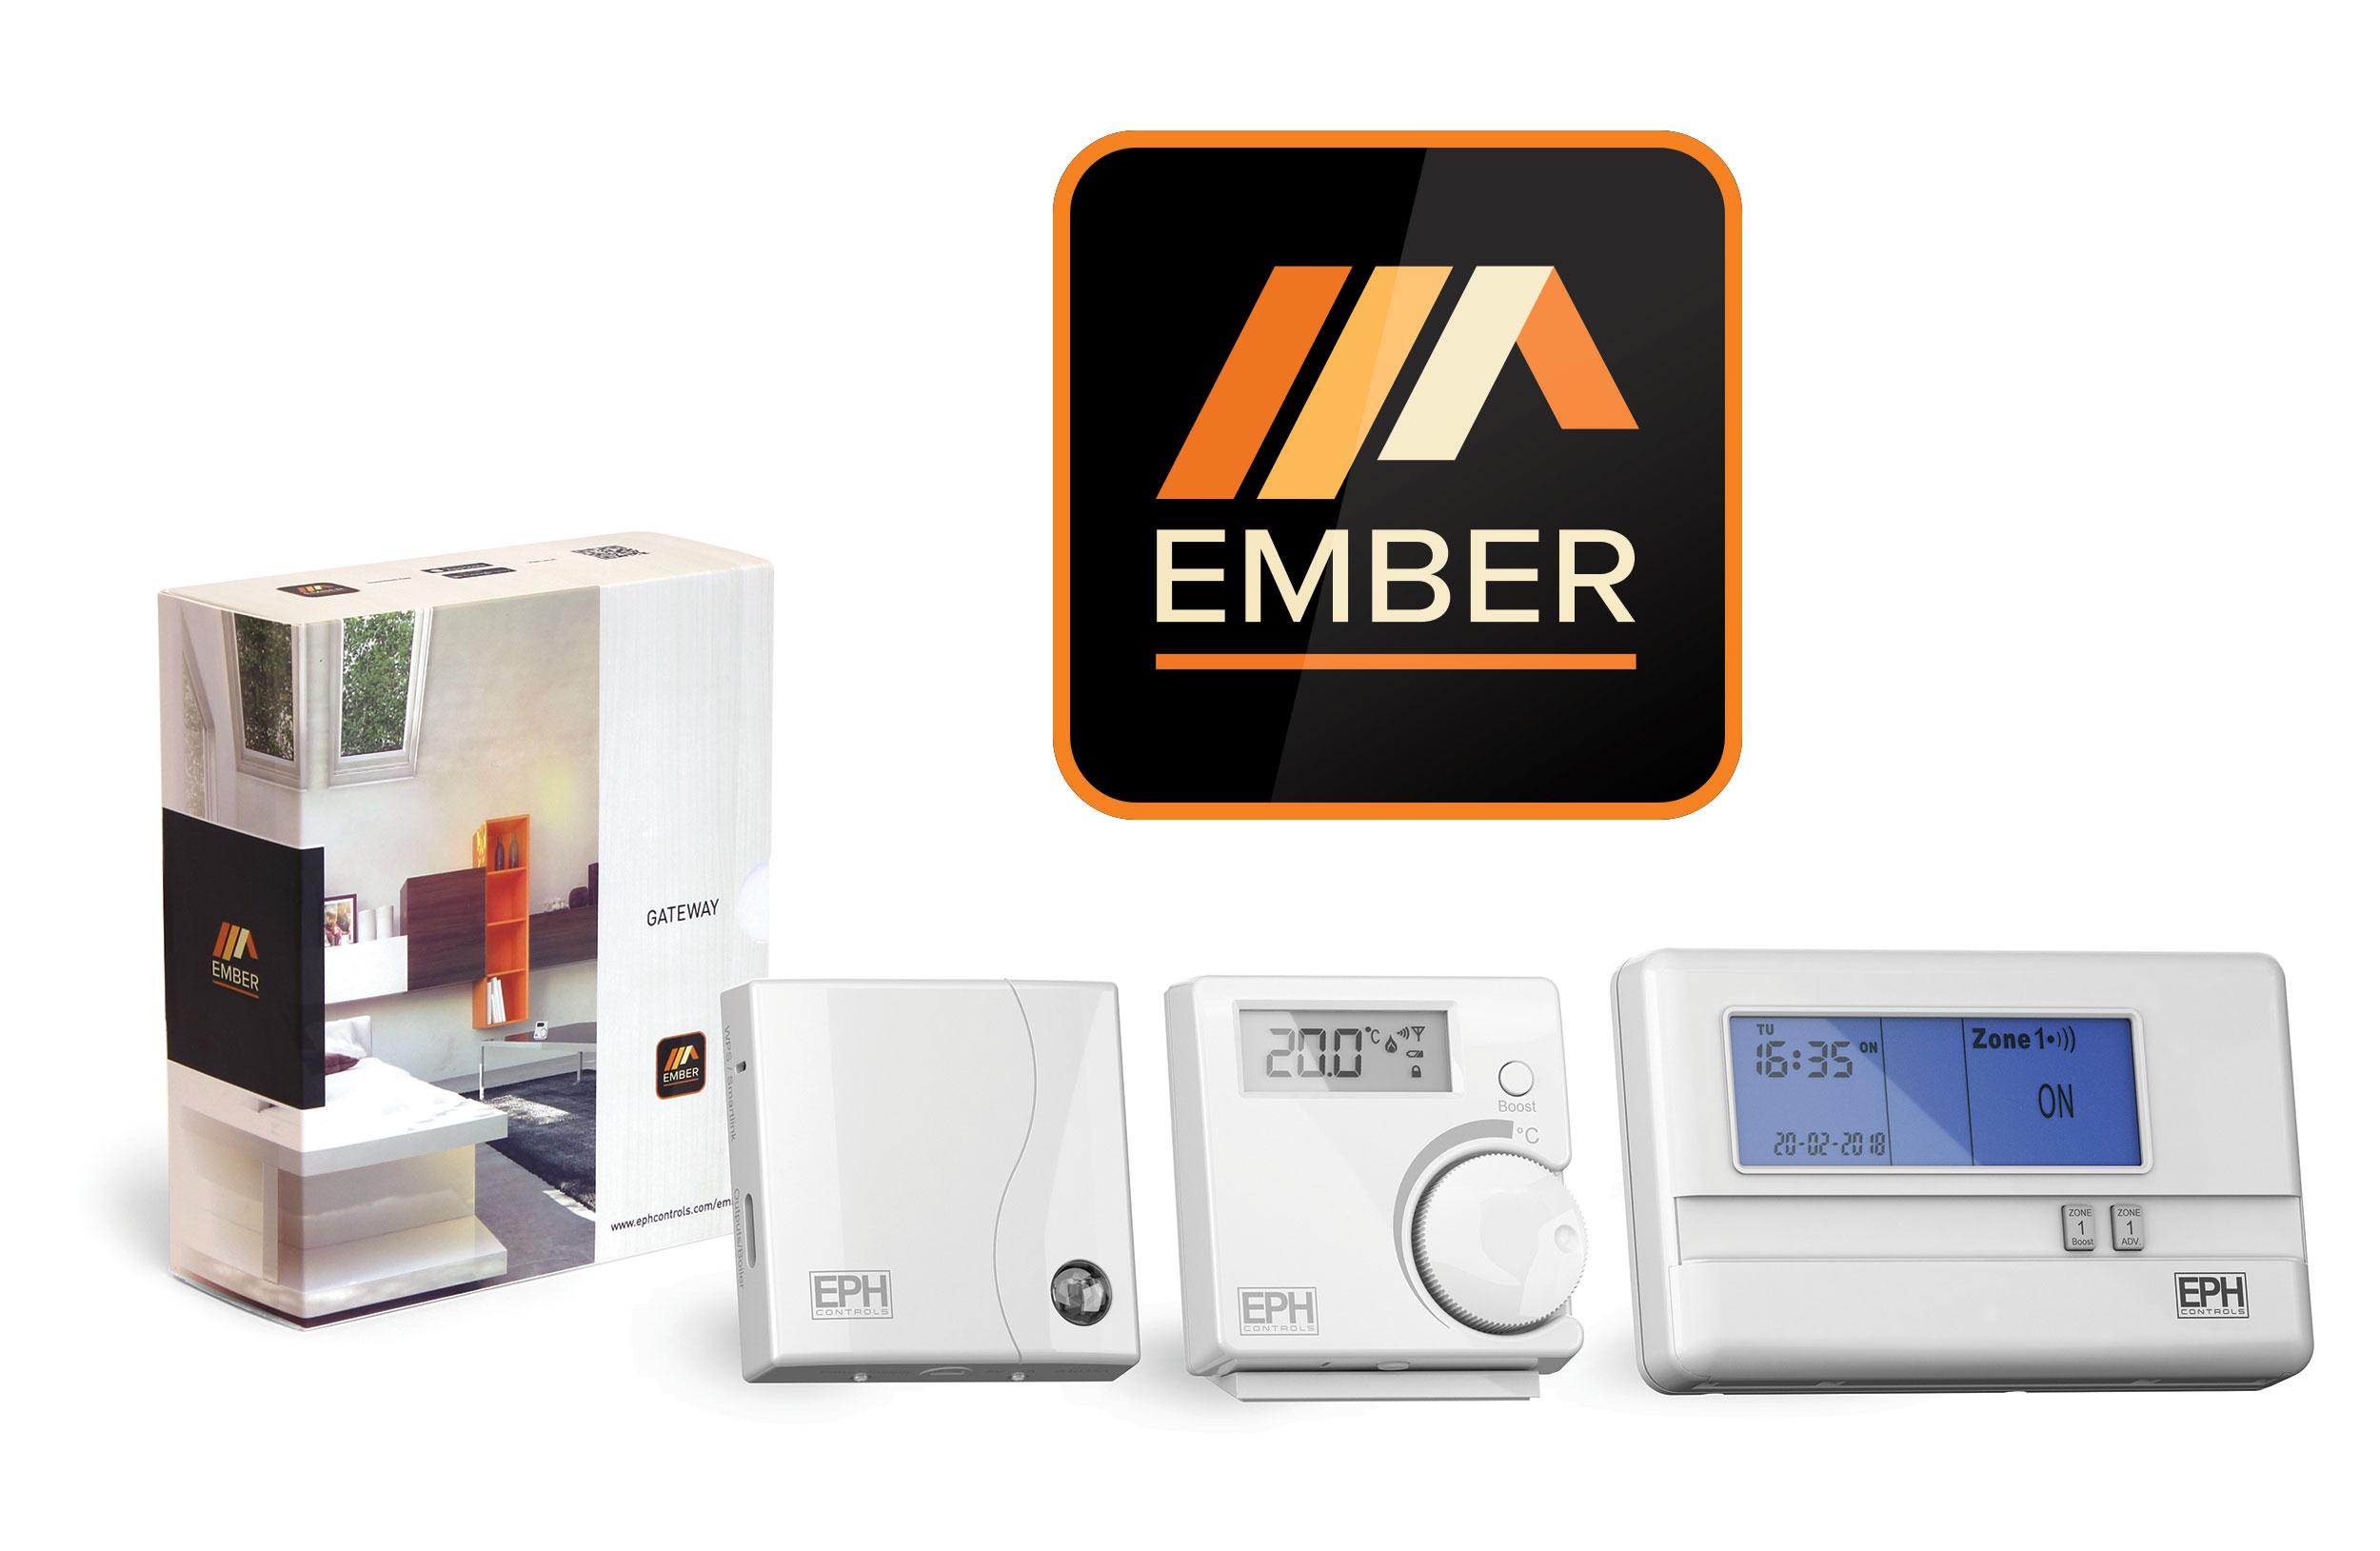 EMBER Packs Image